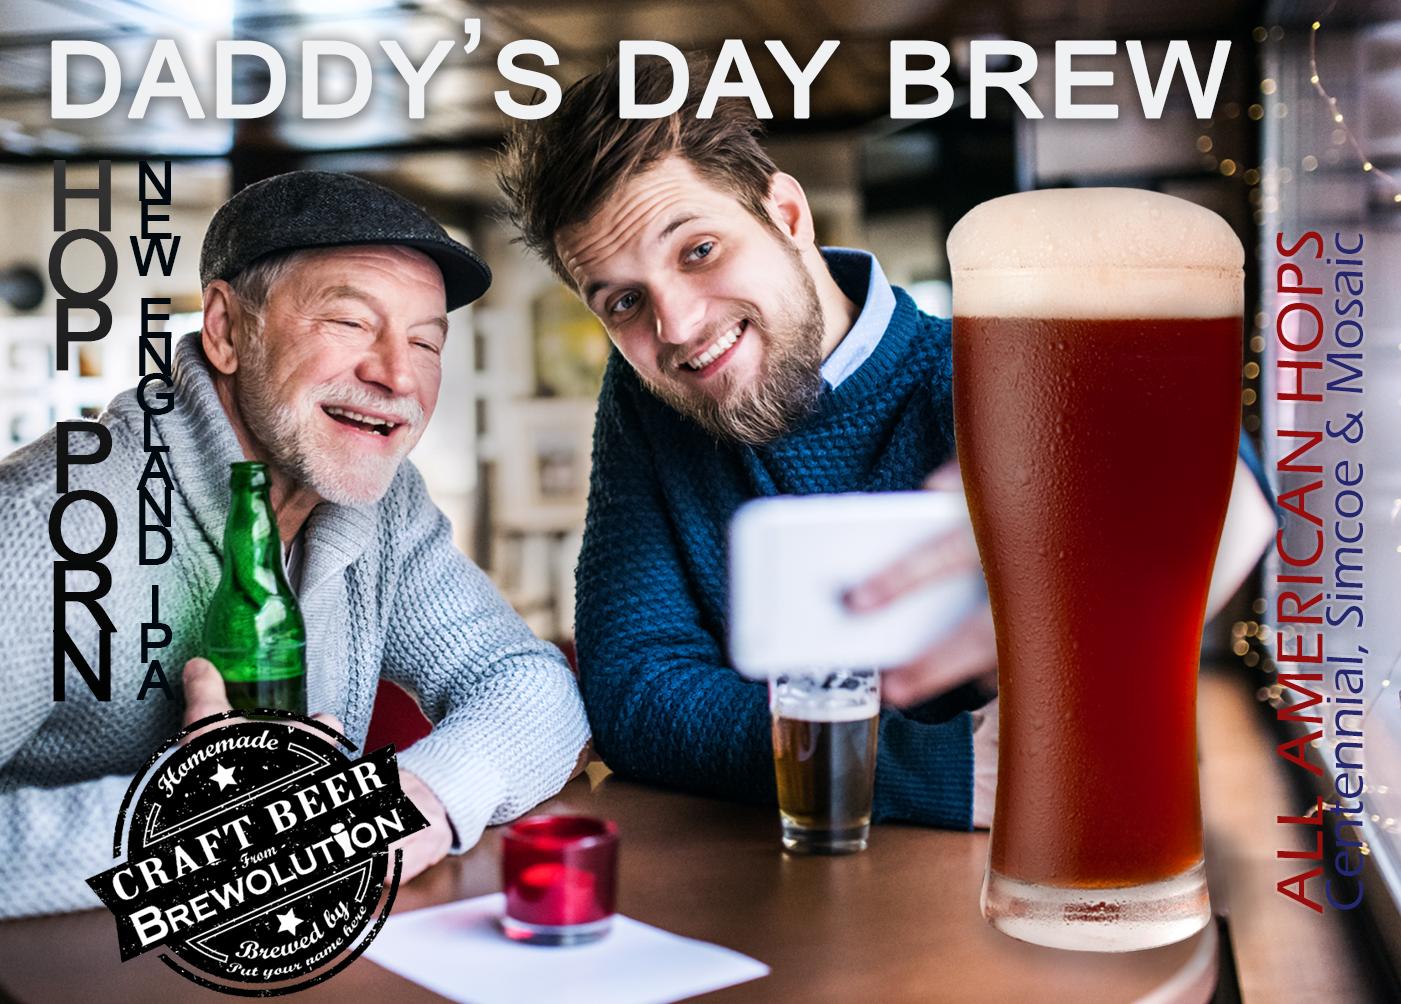 Daddy's Day Brew